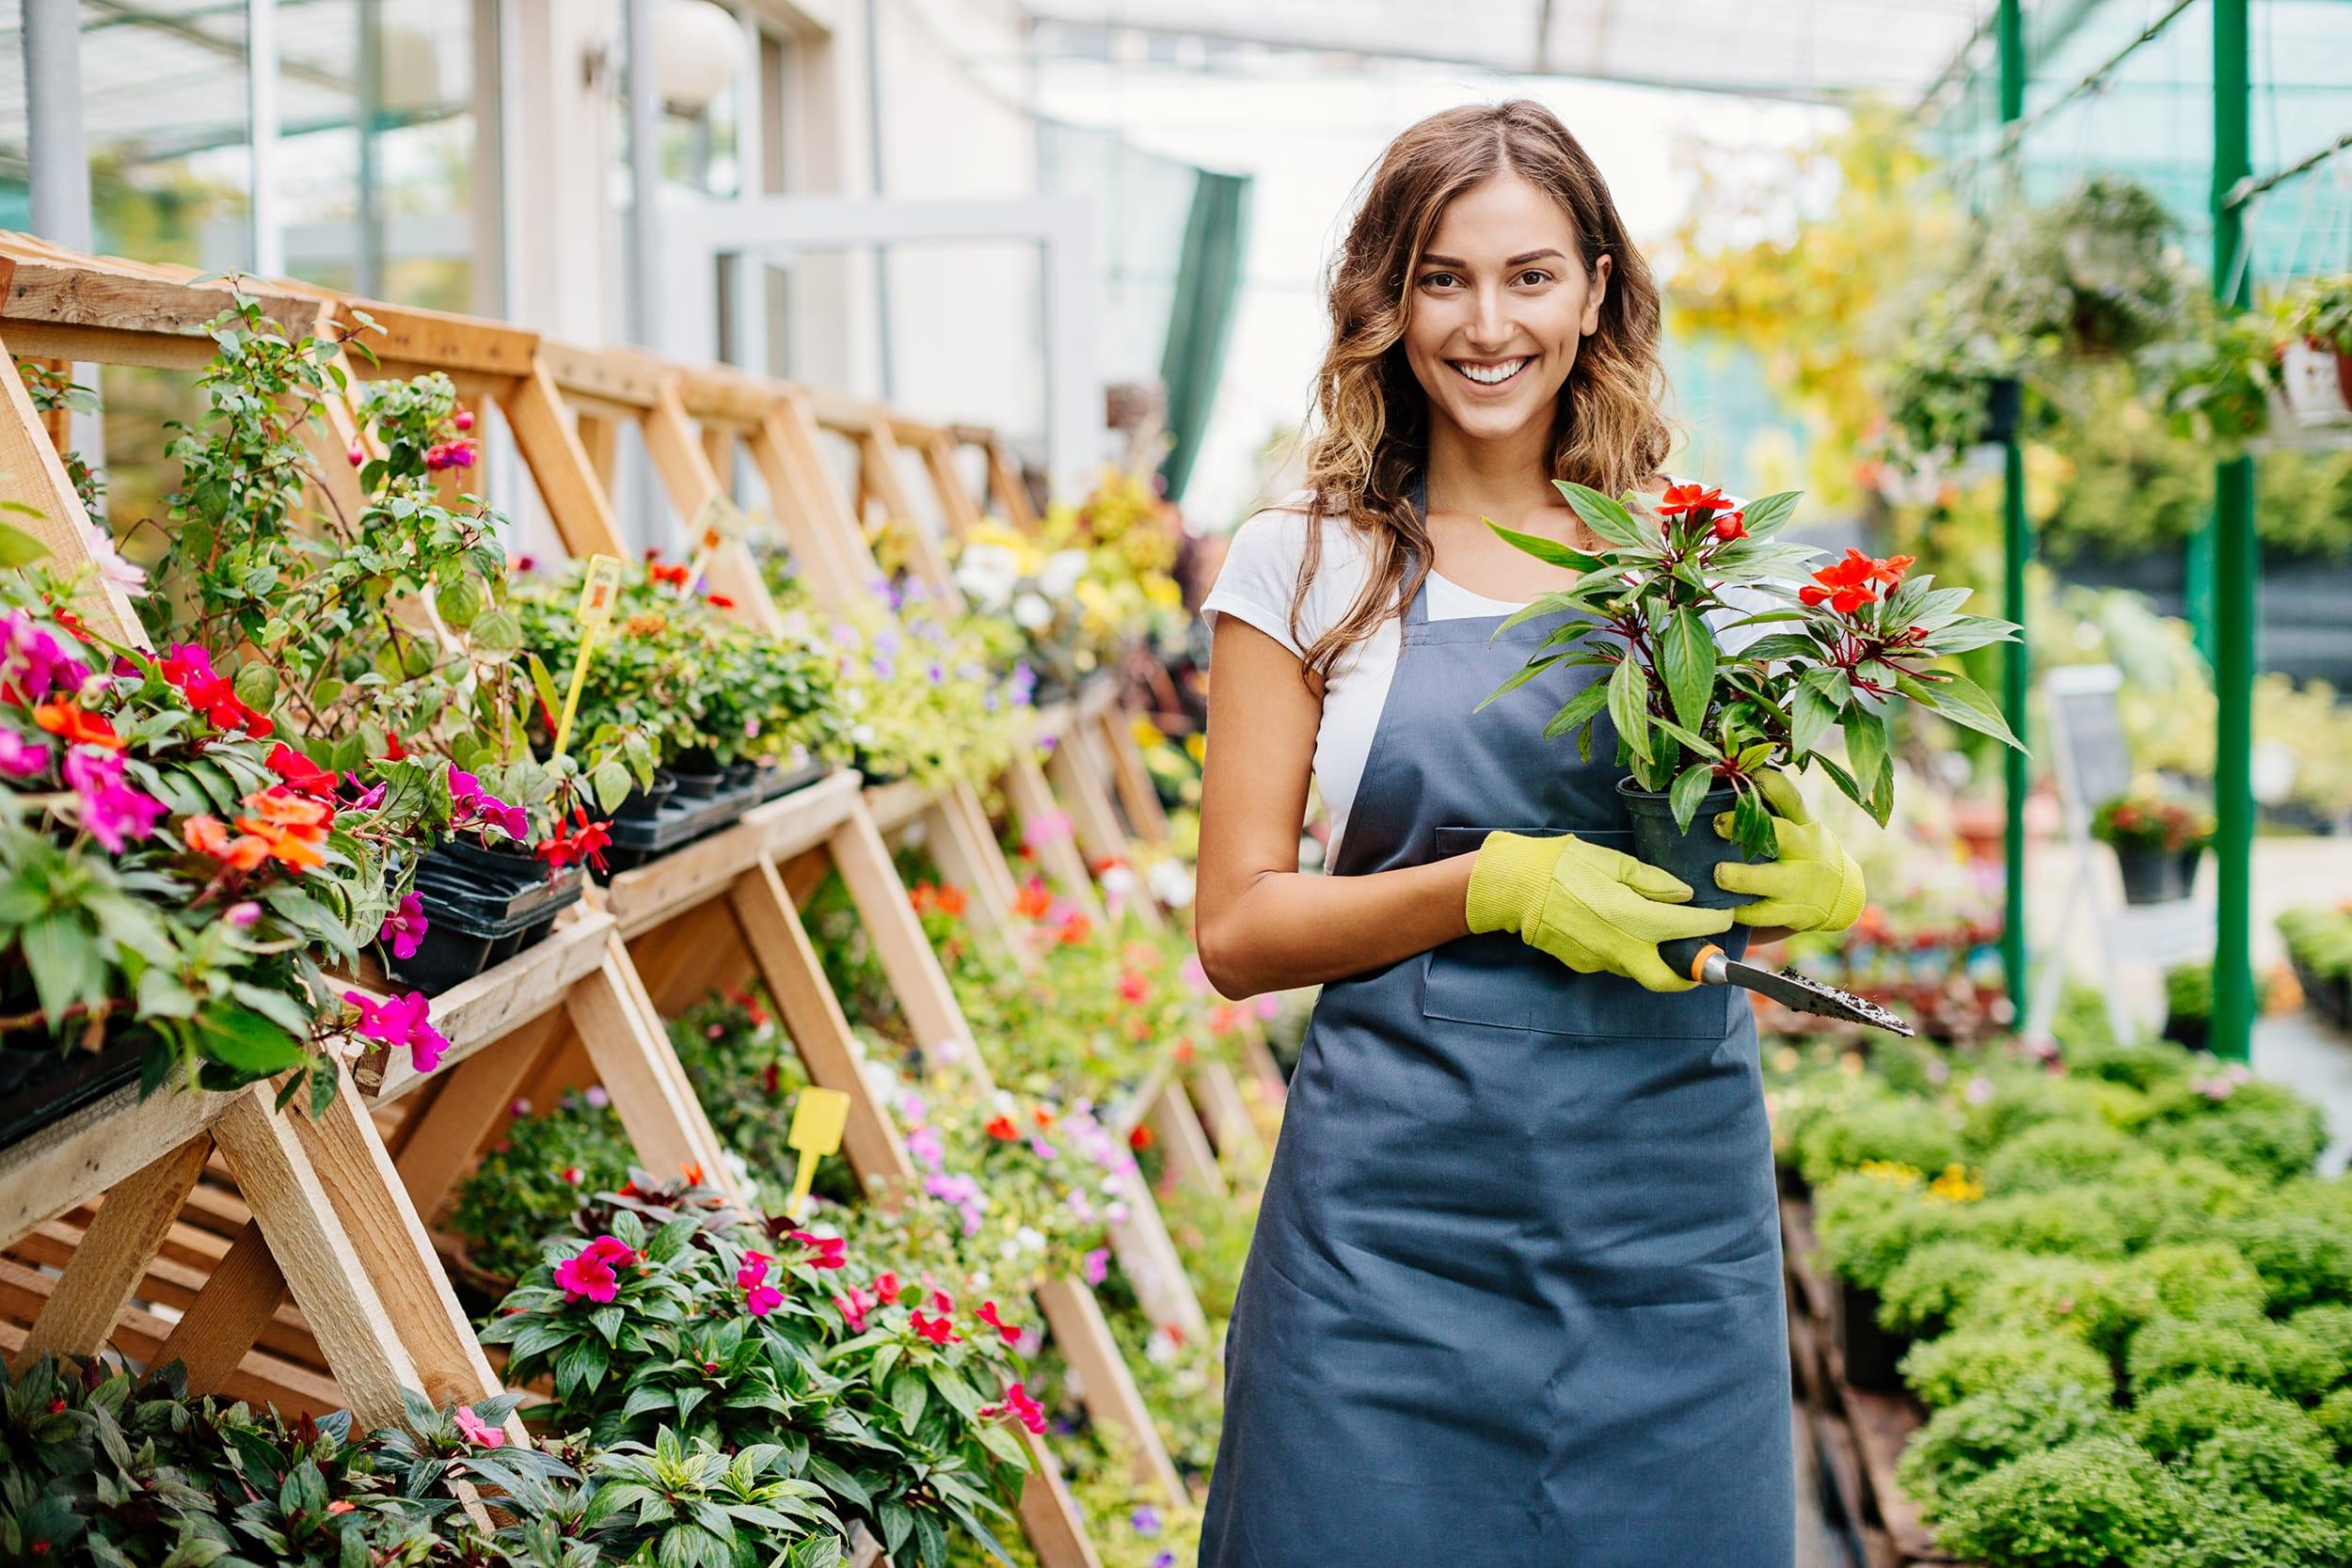 Woman Holding Flowers in Nursery